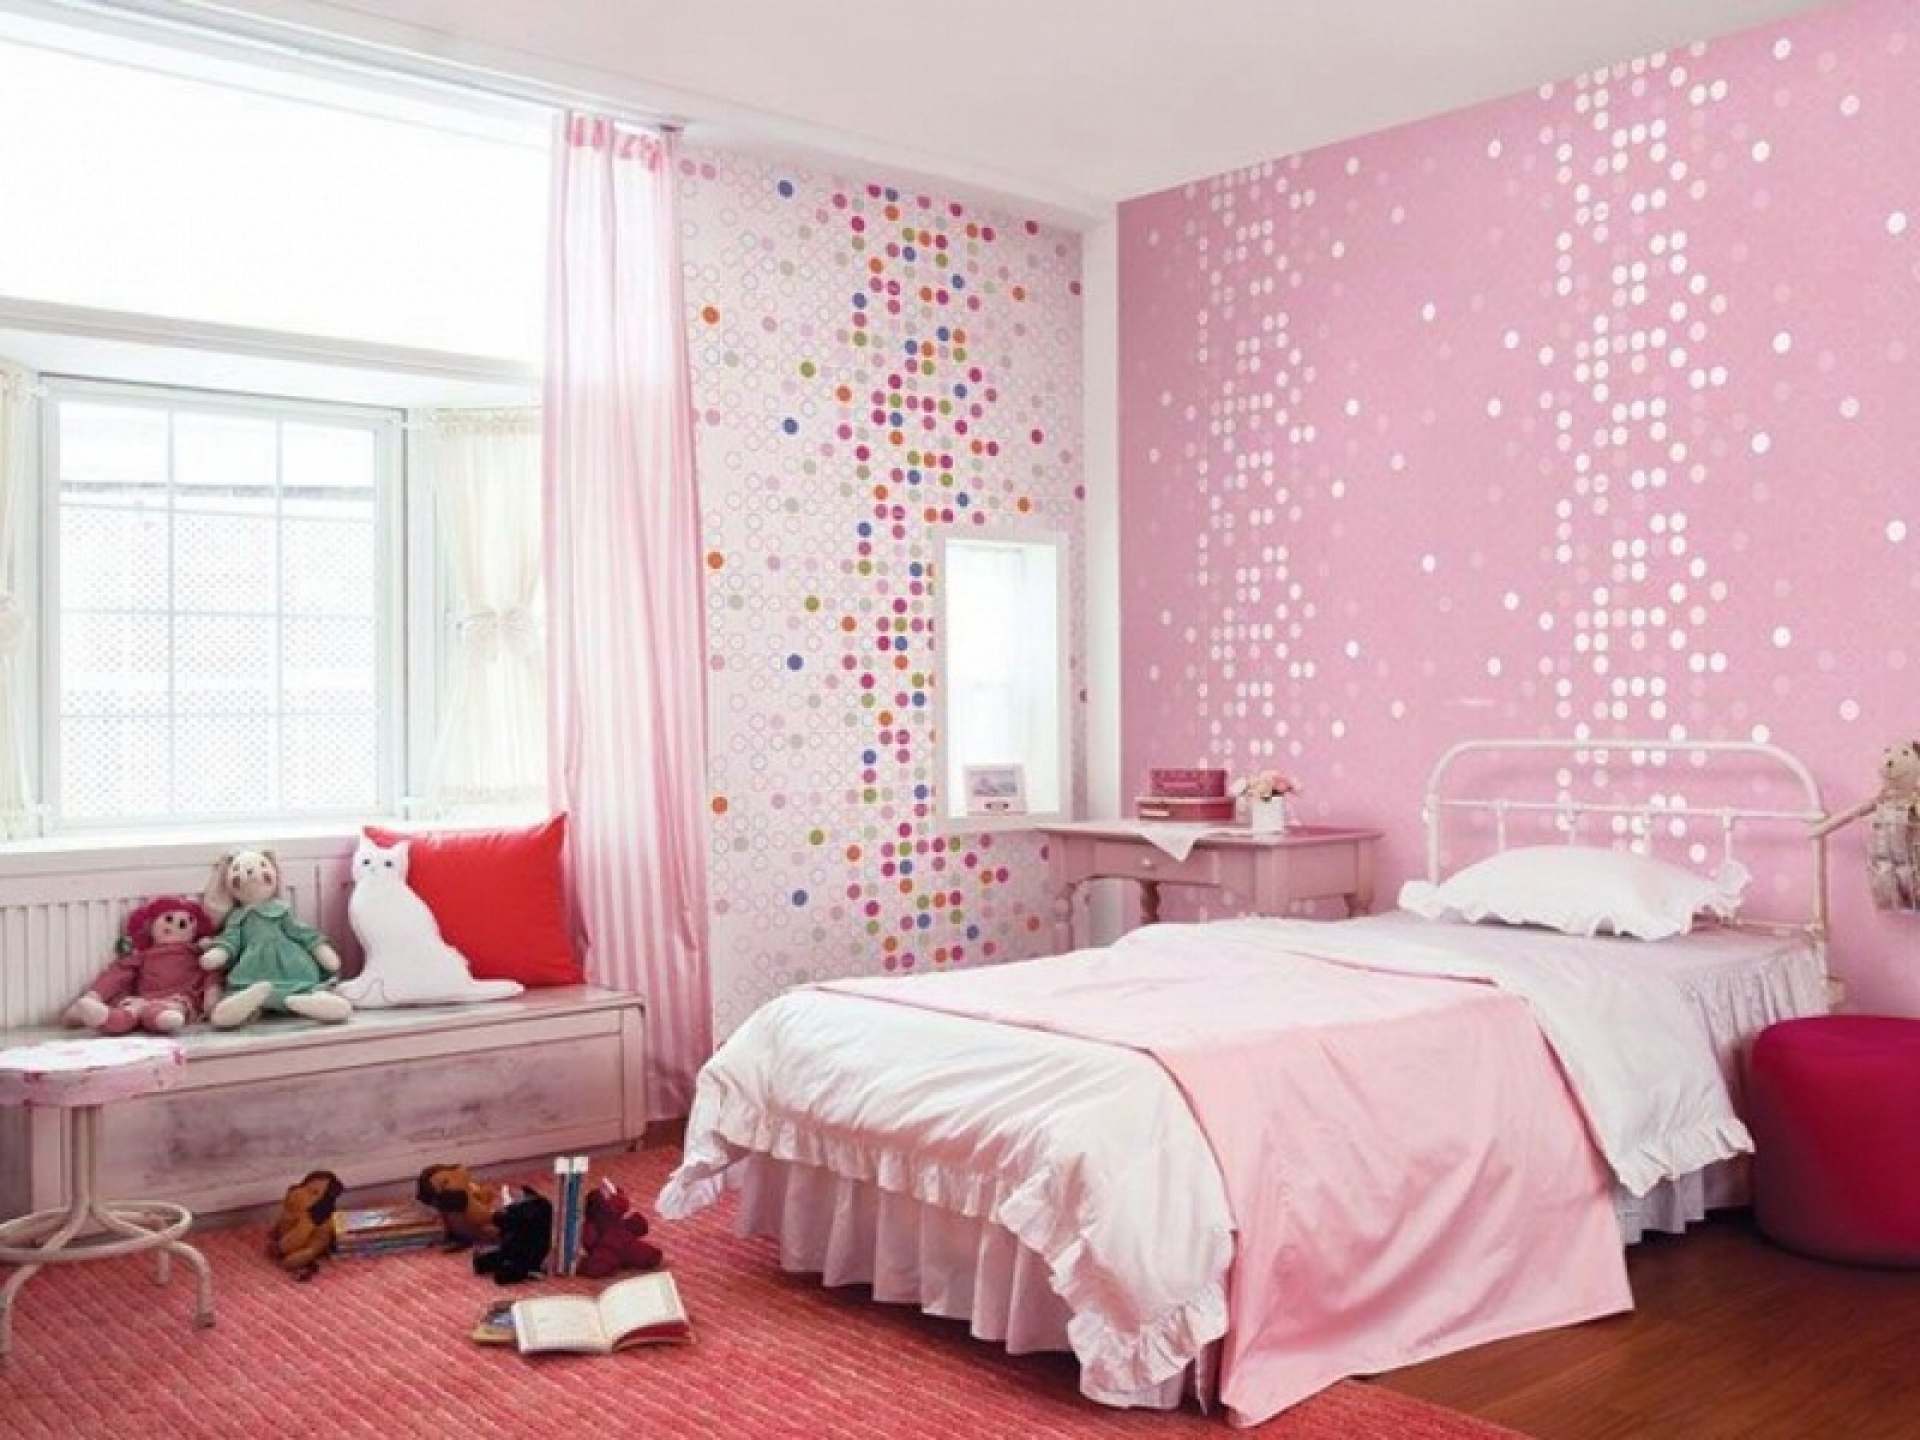 розовые обои в спальне фото странам свойственны скалистые